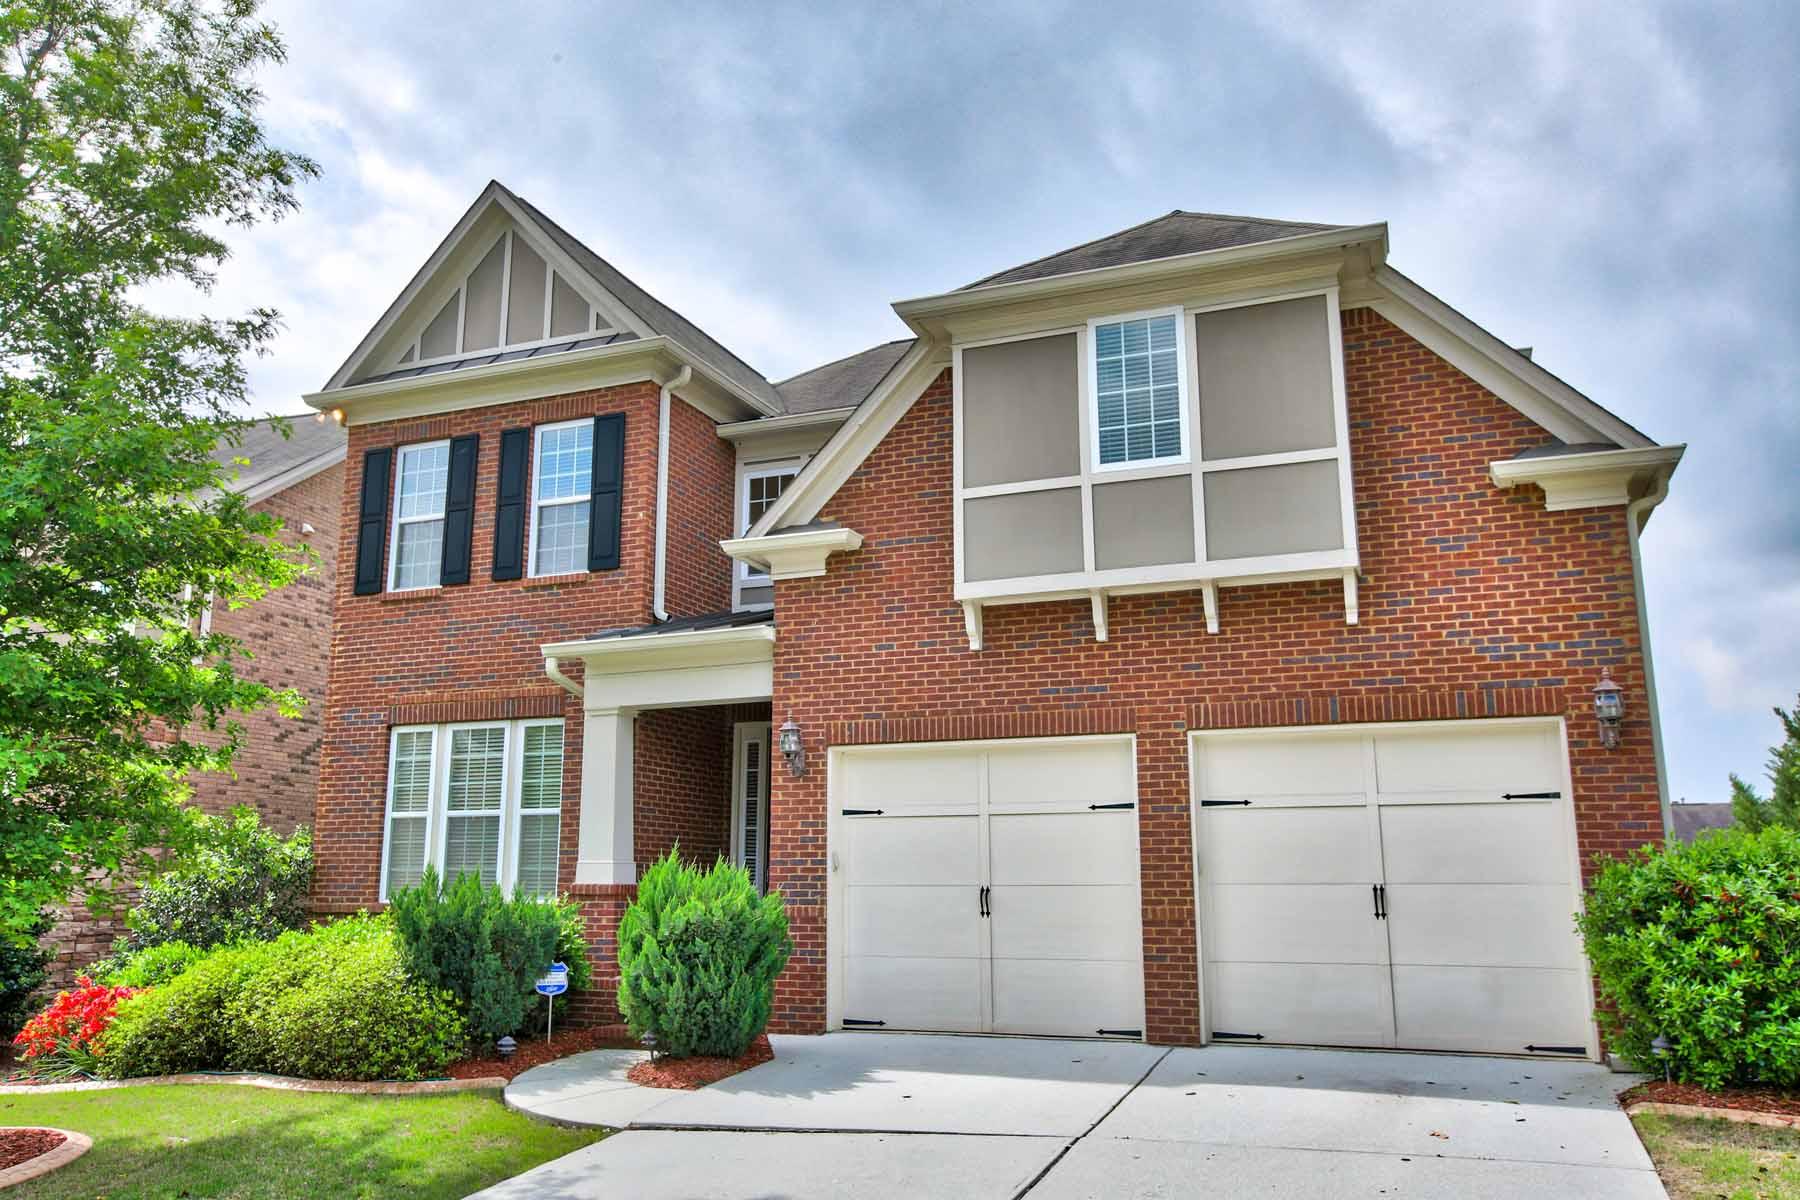 단독 가정 주택 용 매매 에 Fabulous Home On A Great Lot 2236 Fort Drive SE Smyrna, 조지아, 30080 미국